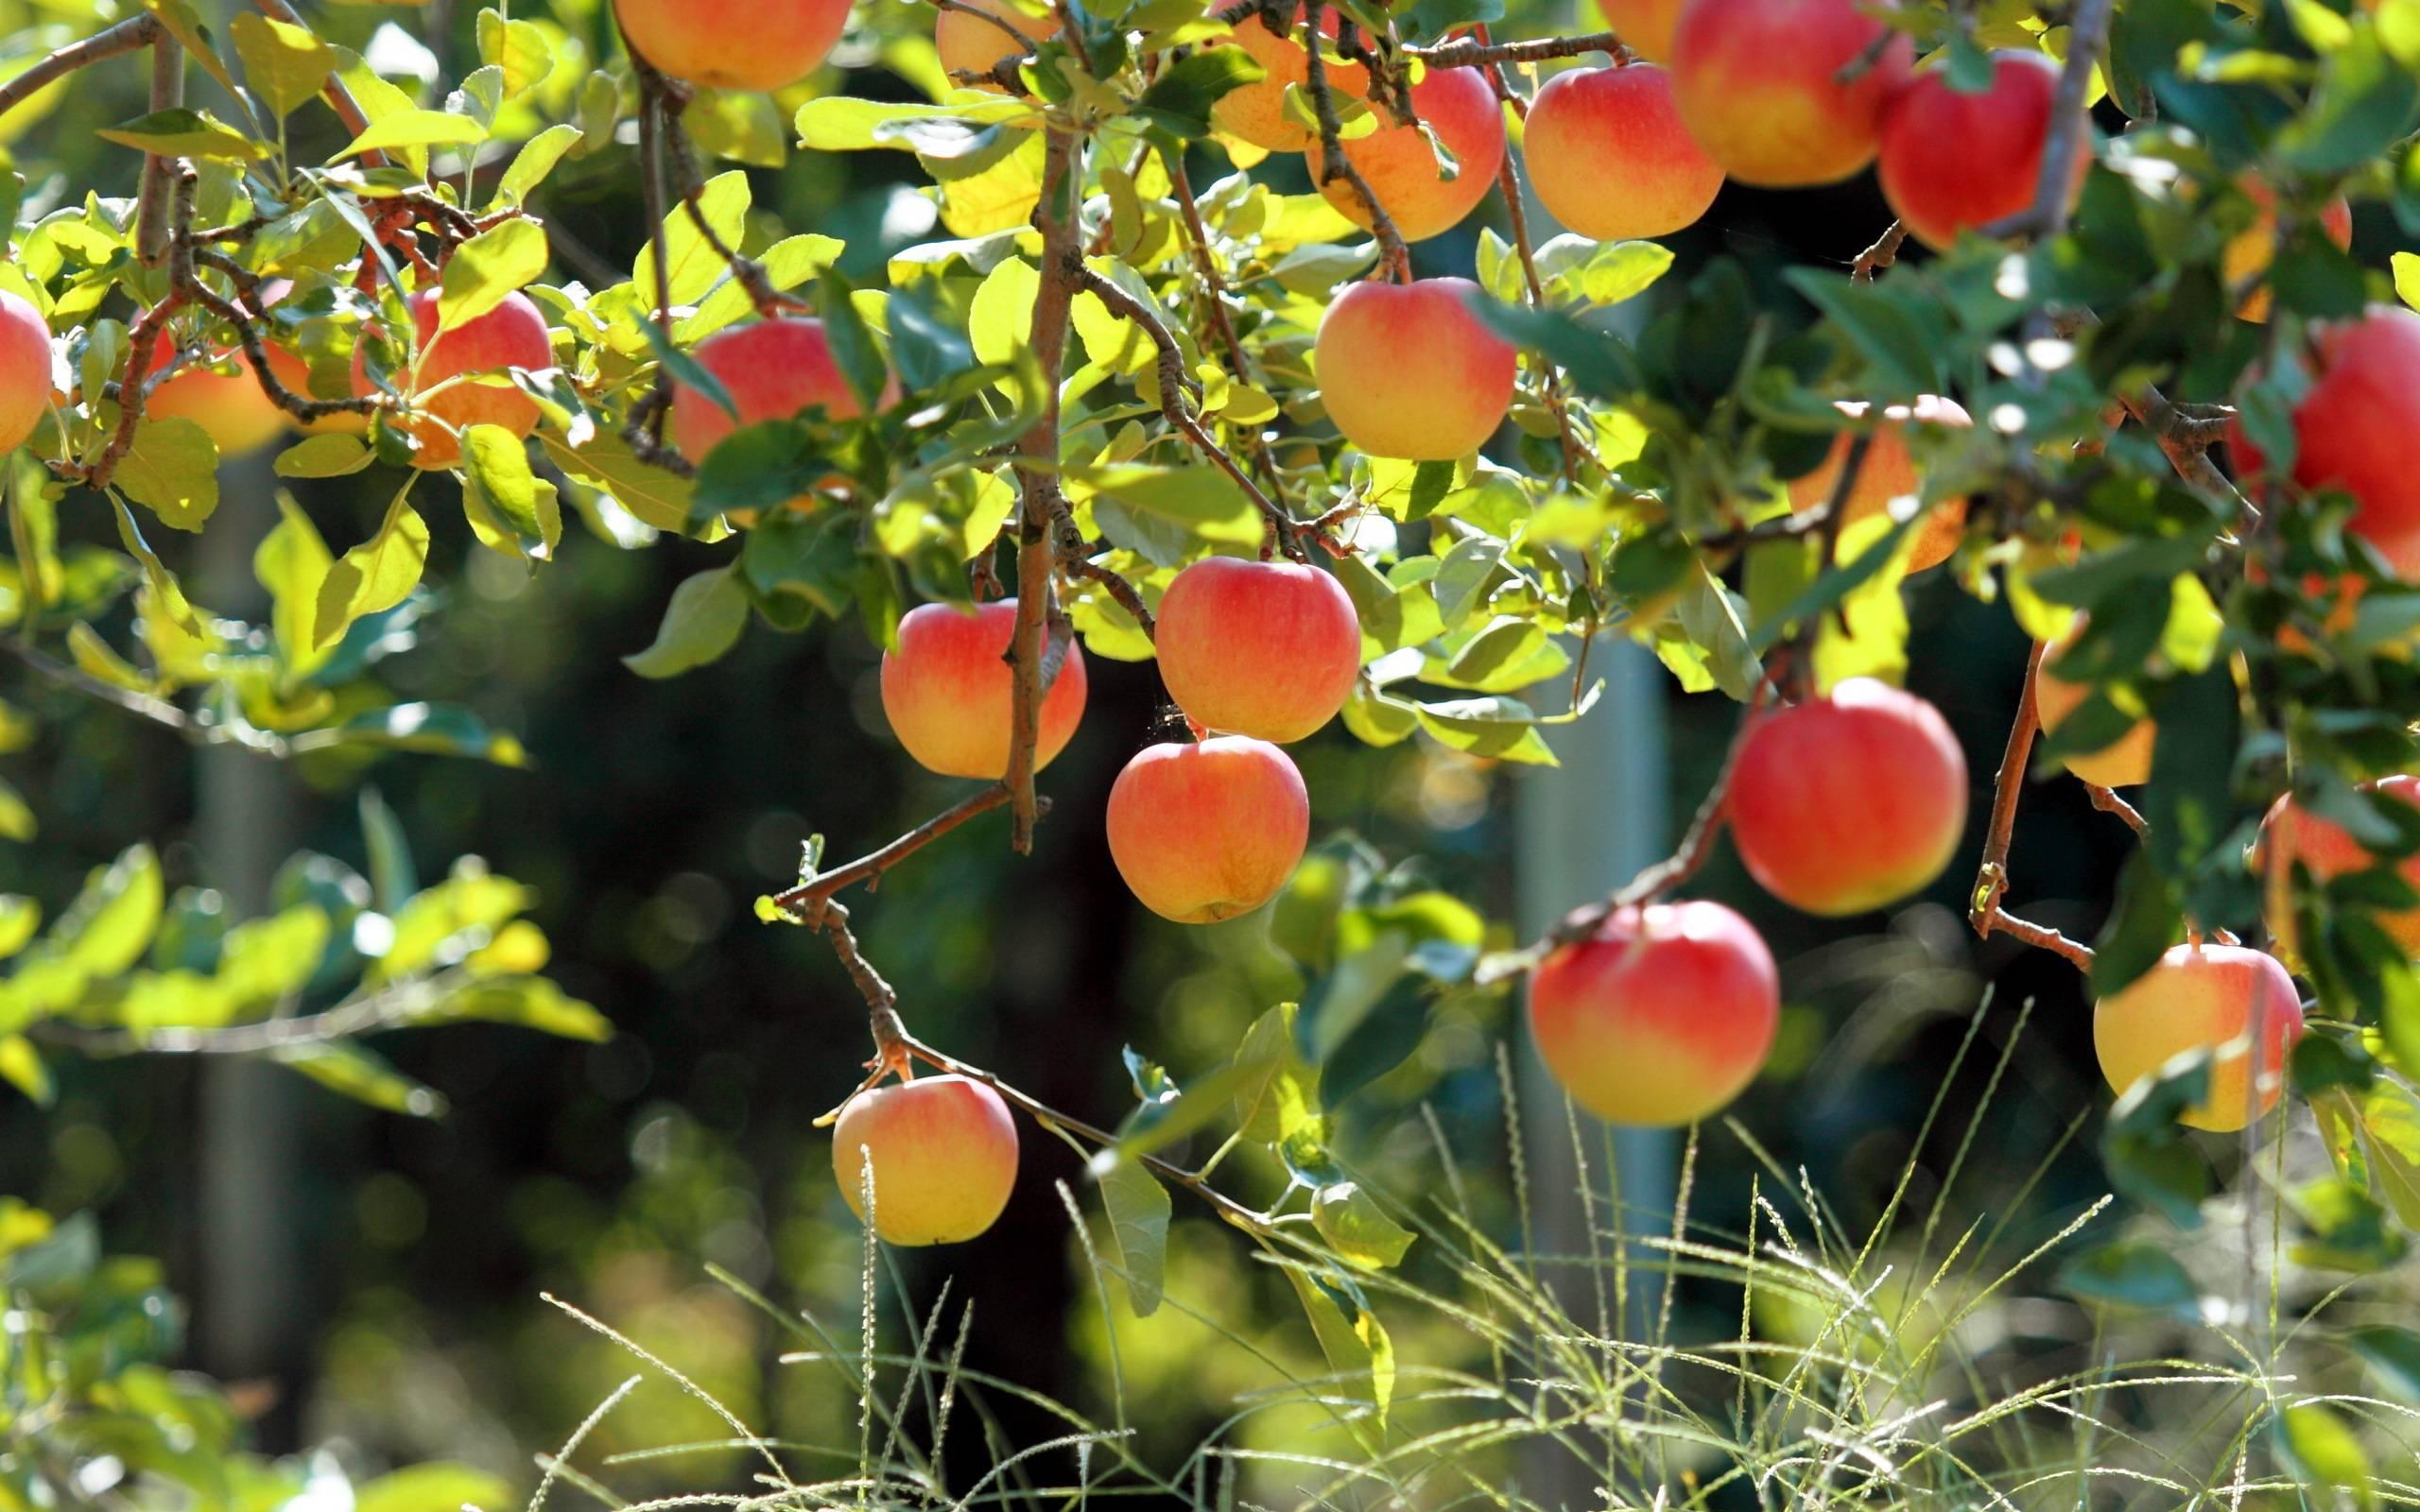 Можно ли сажать сливу рядом с яблоней. совместимость плодово-ягодных деревьев и кустарников